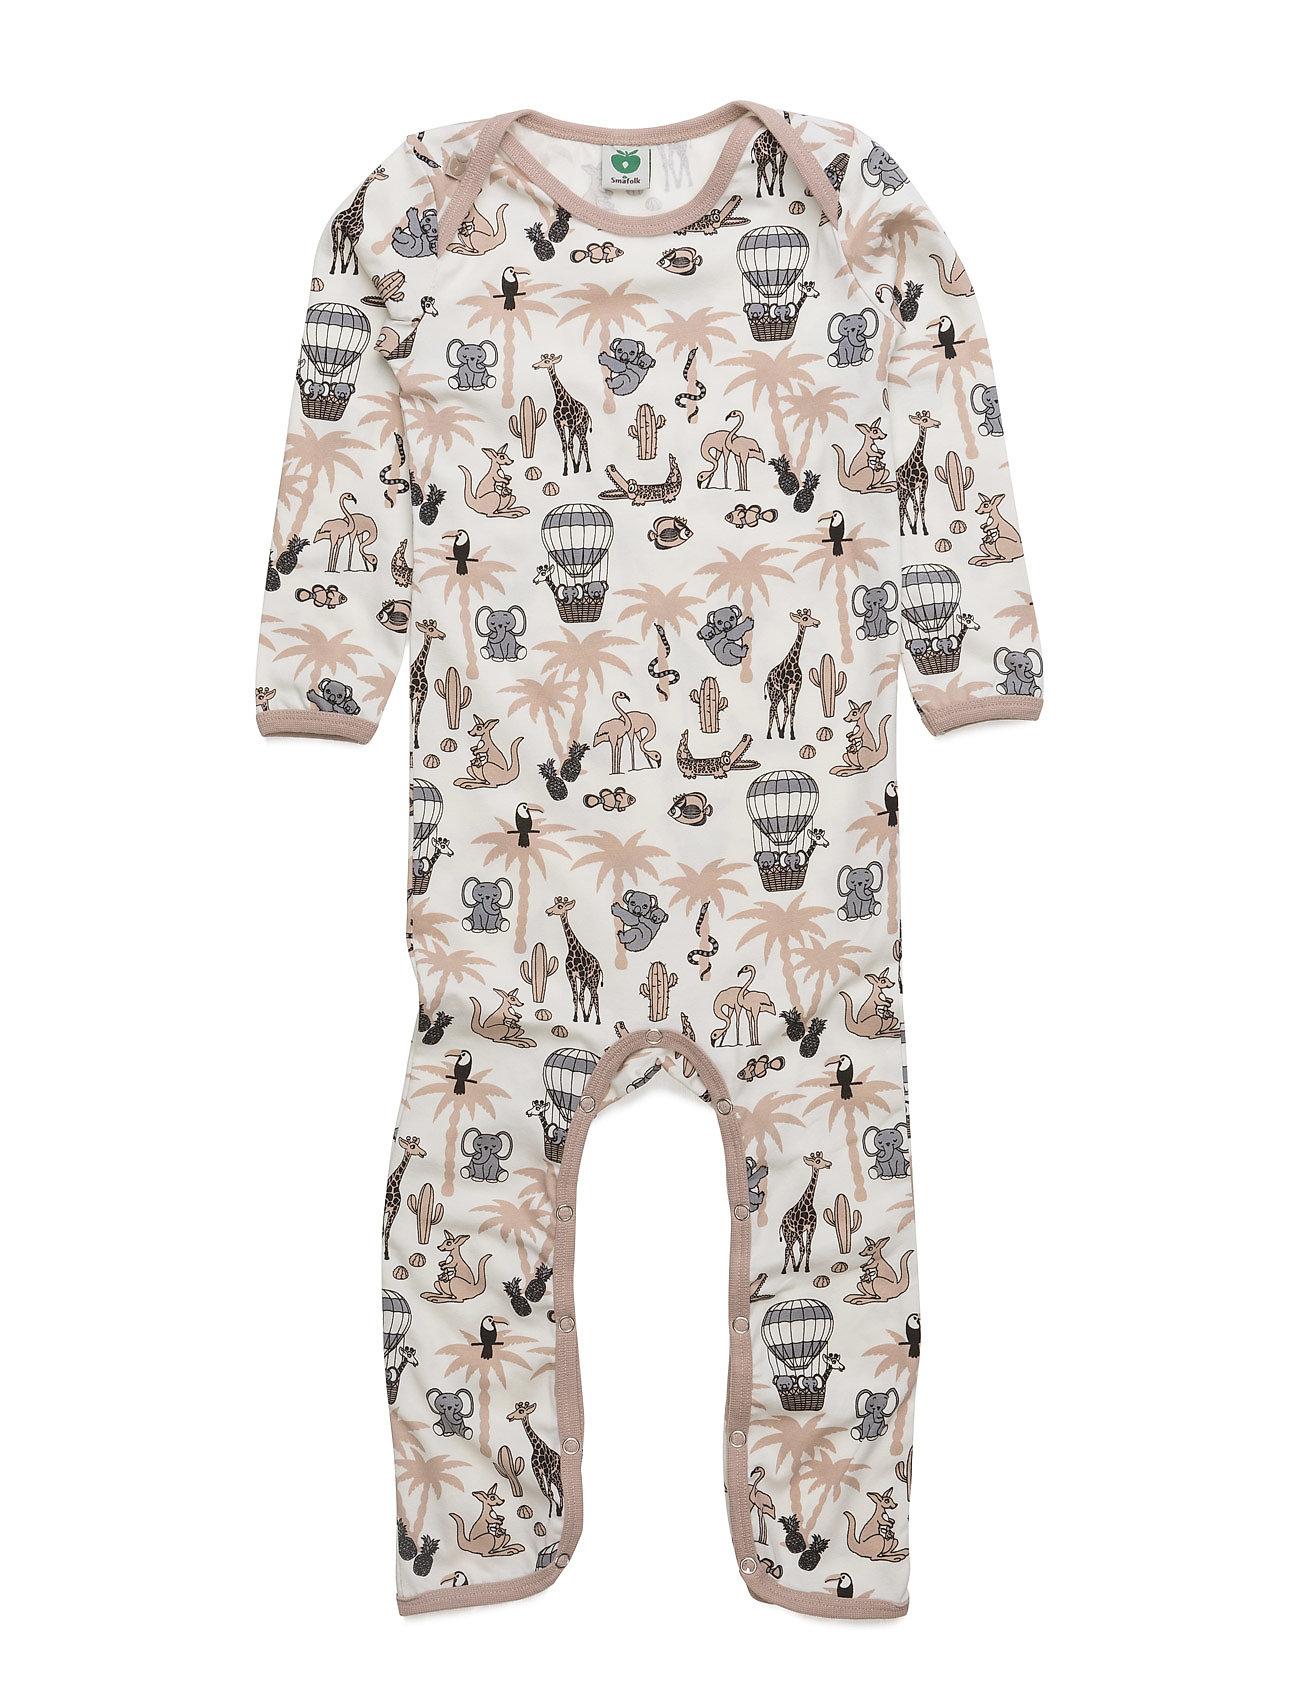 Body Suit. Jungle Småfolk #I/T til Børn i